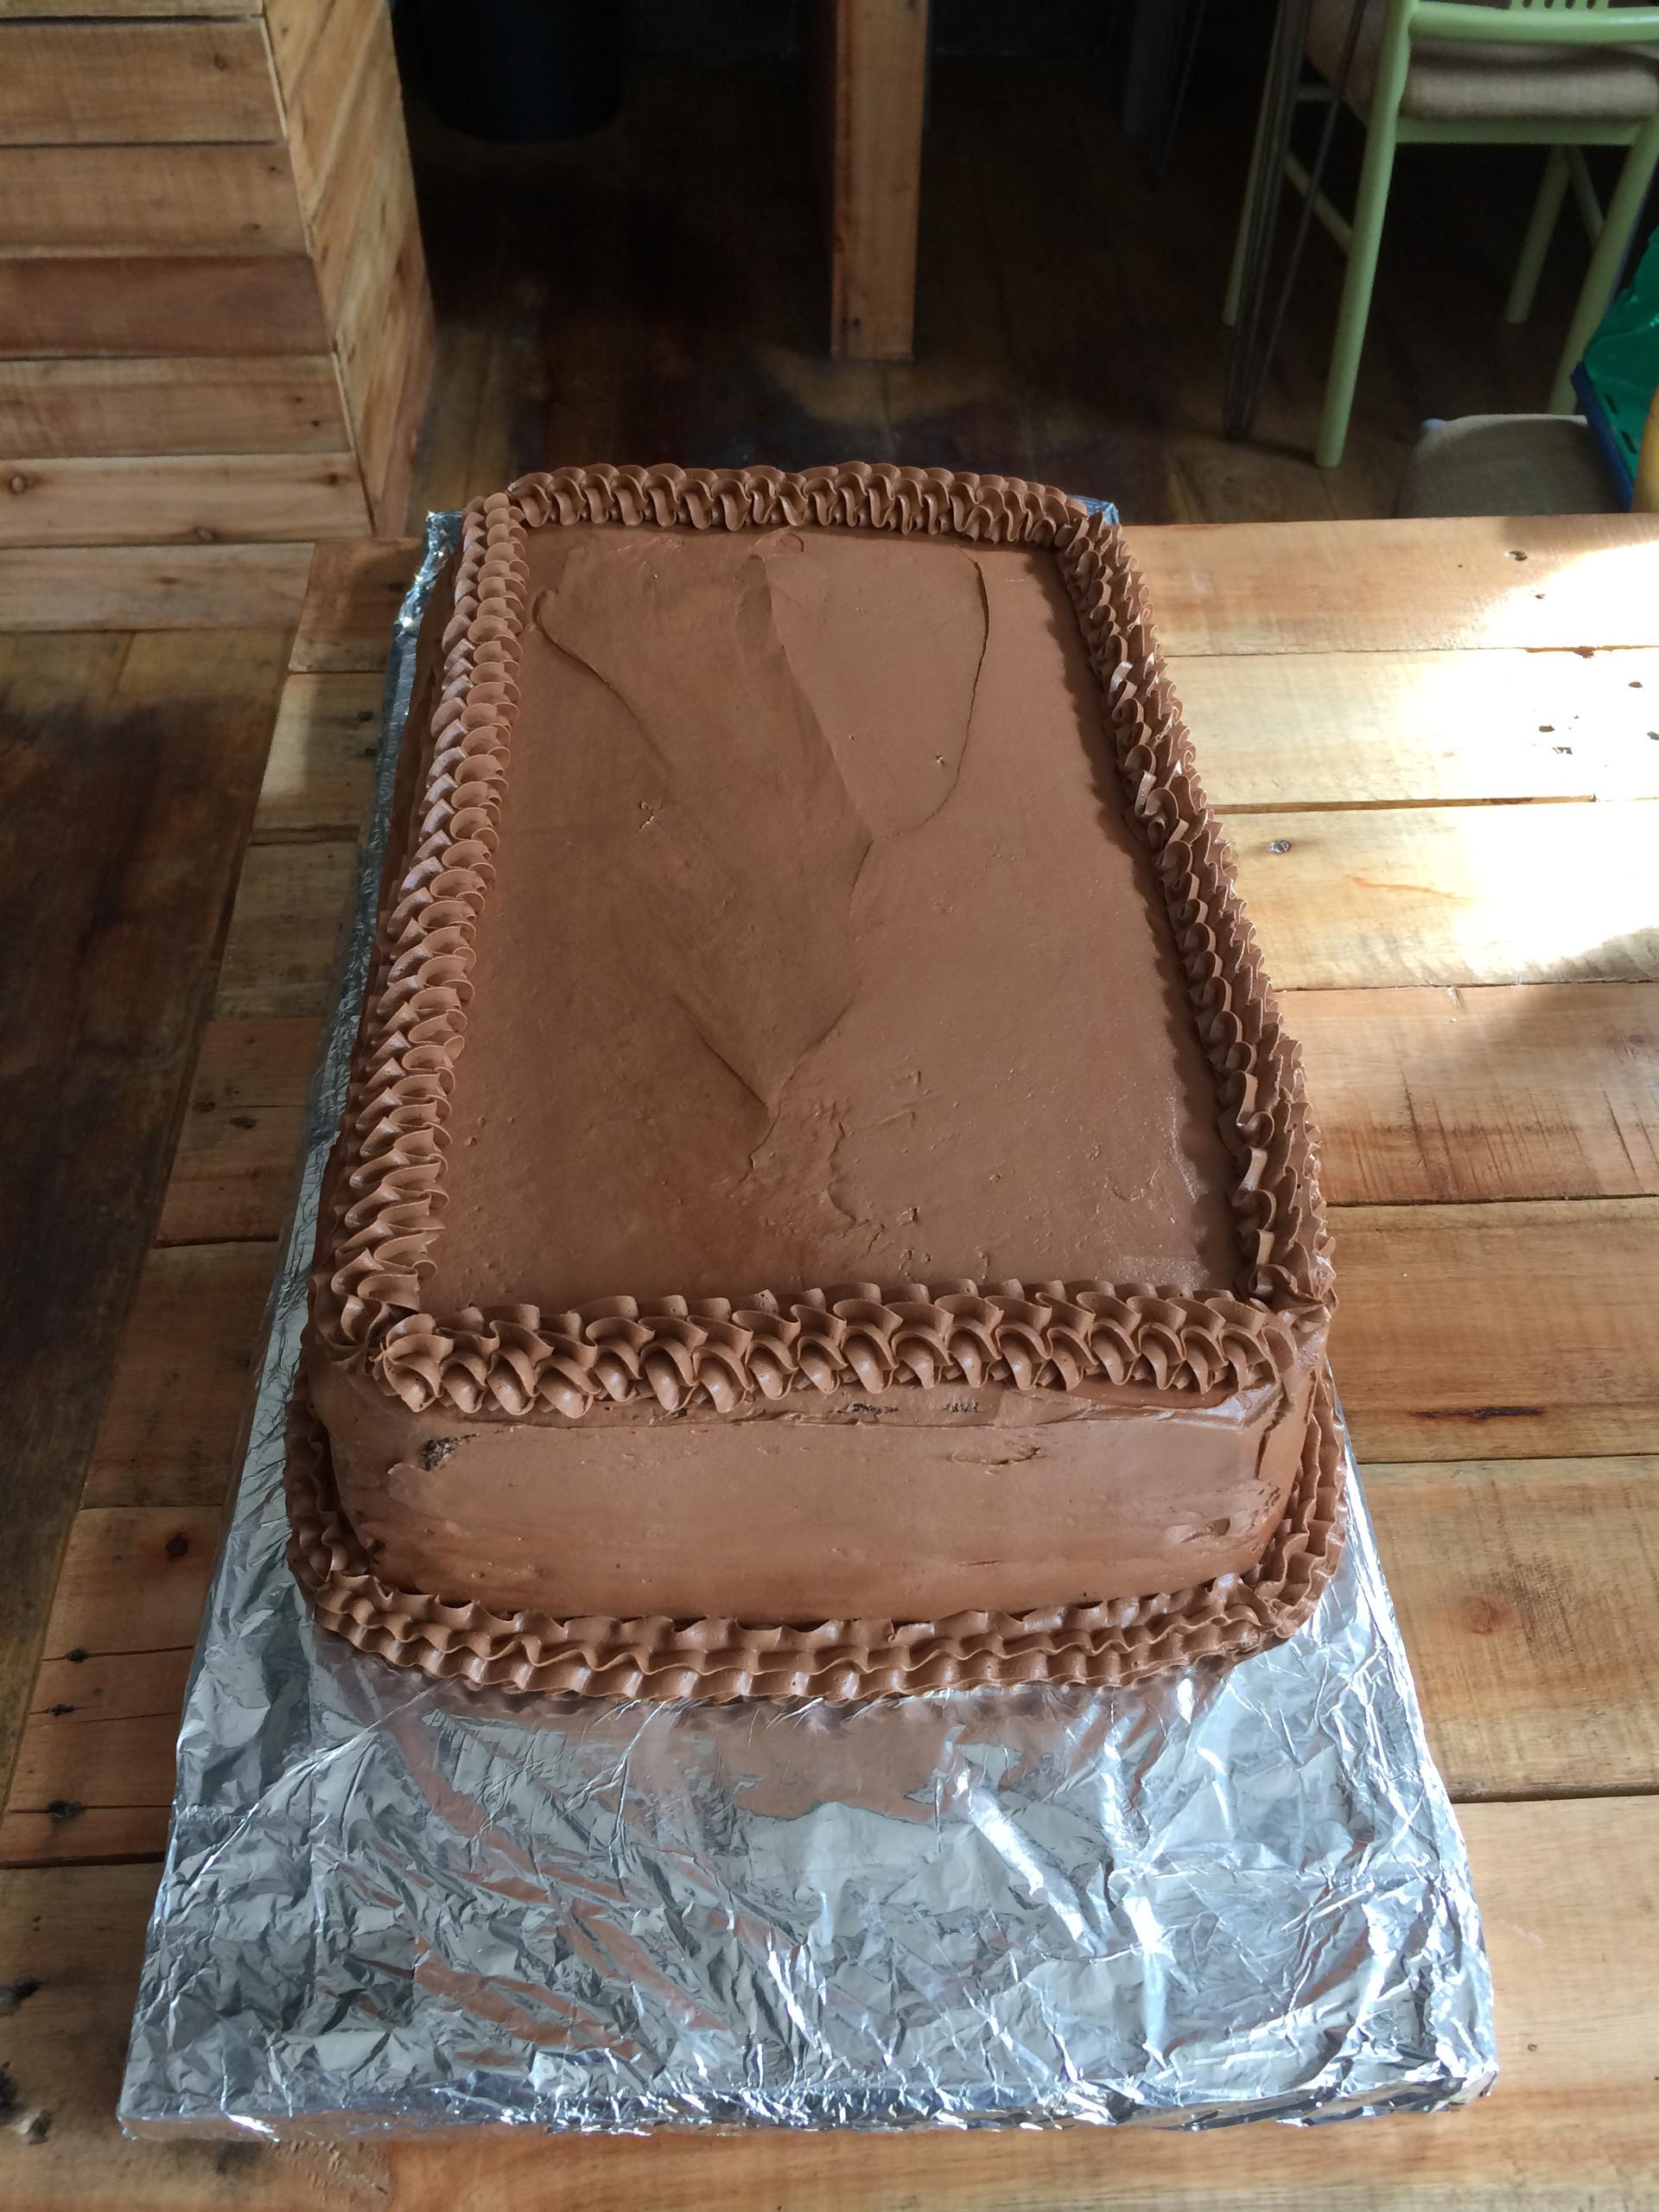 Massive Chocolate Cake